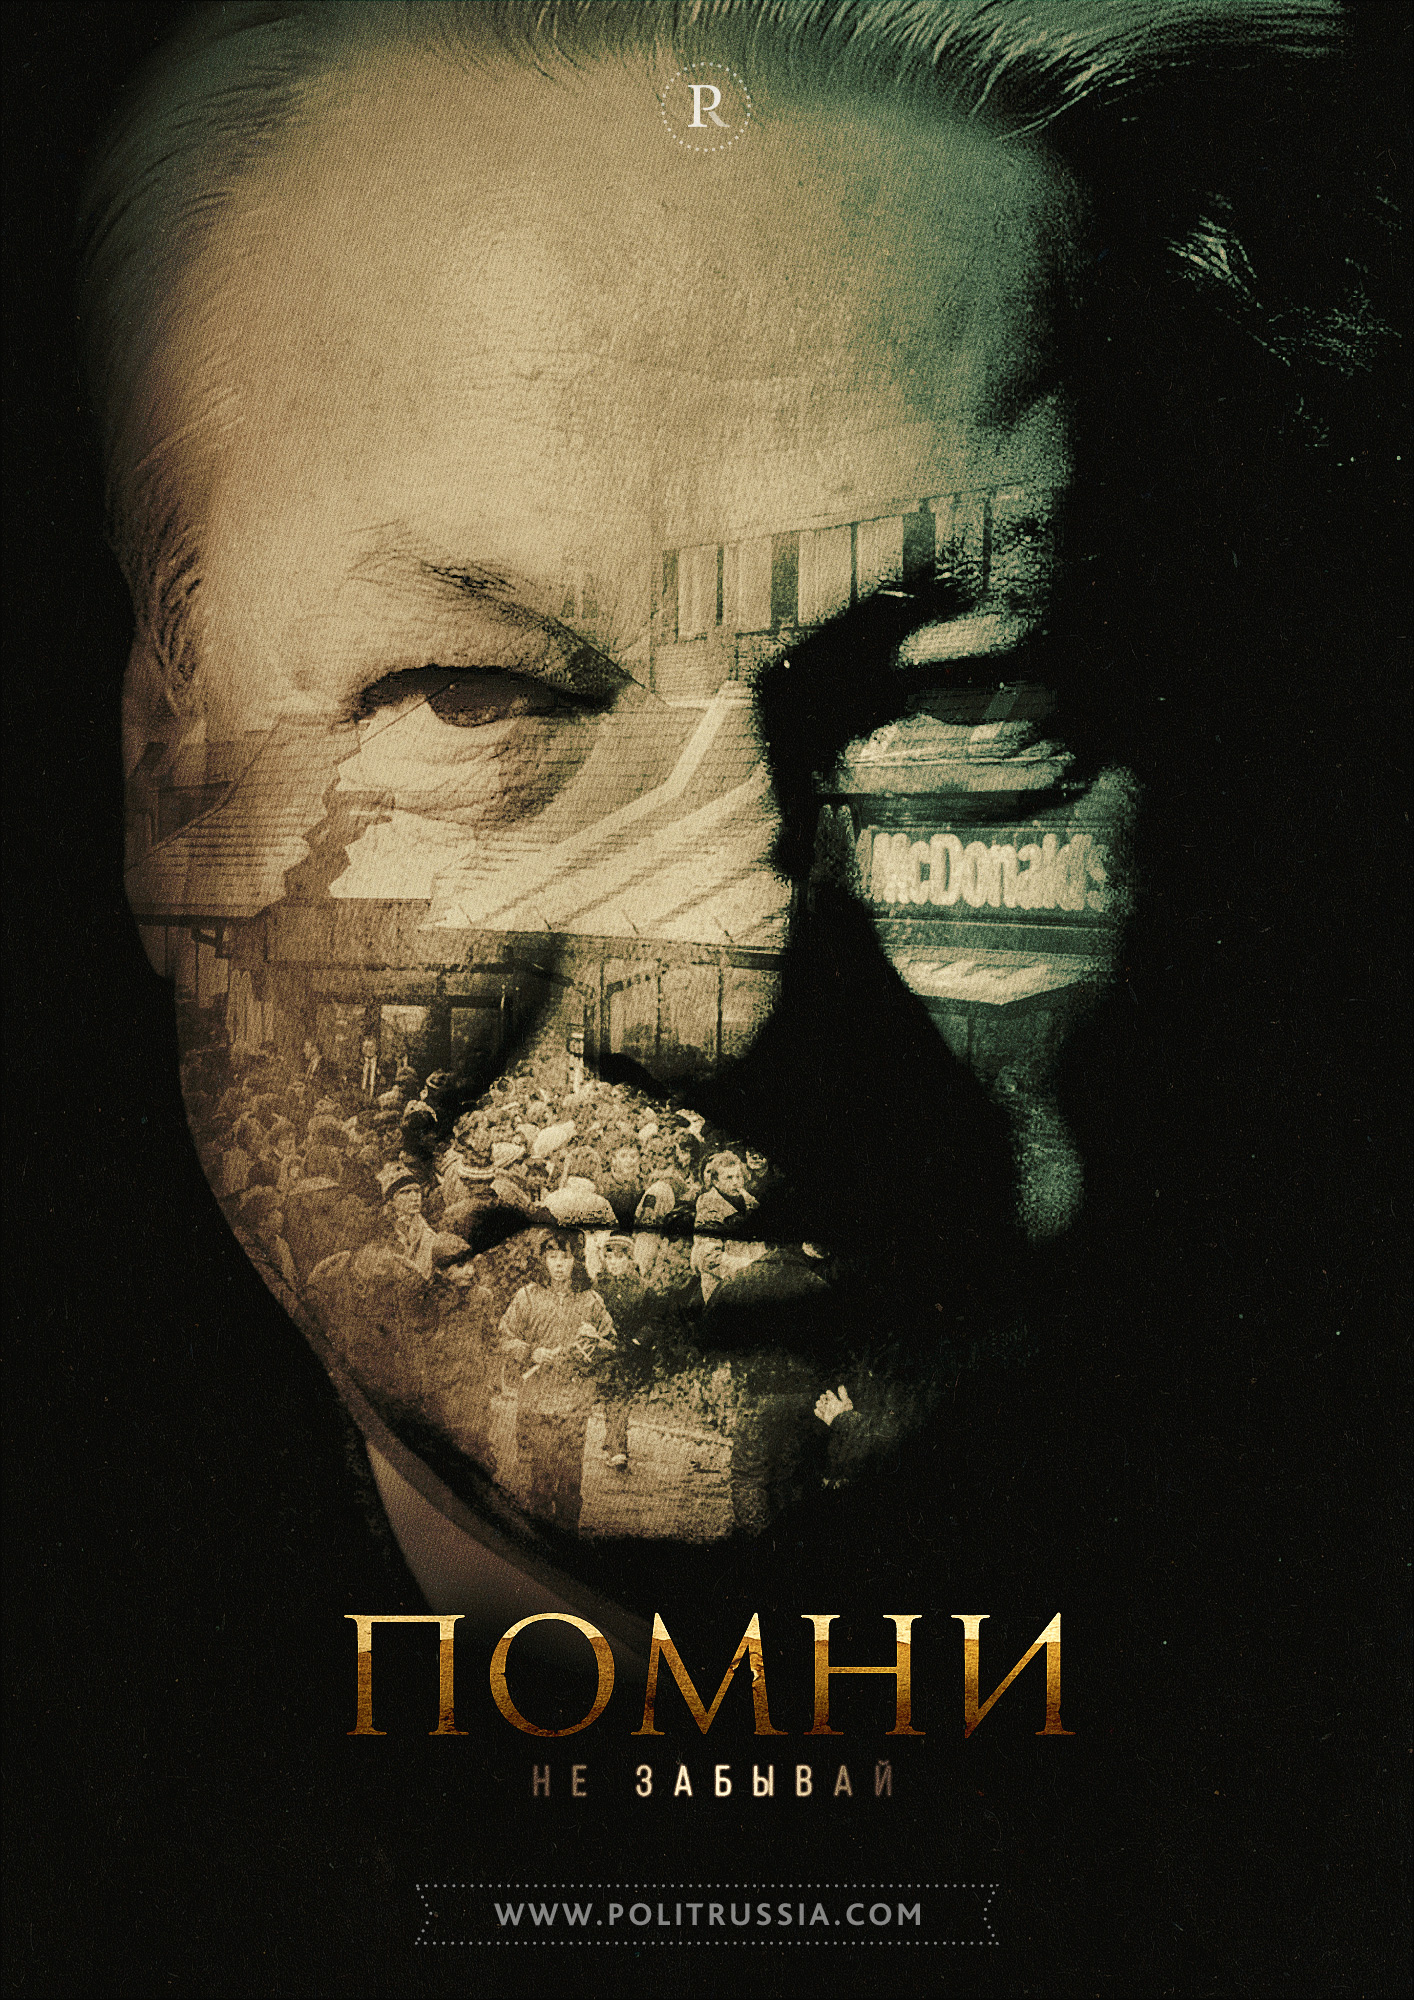 Смотреть фильмы онлайн мужчина нарасхват 2012 смотреть онлайн